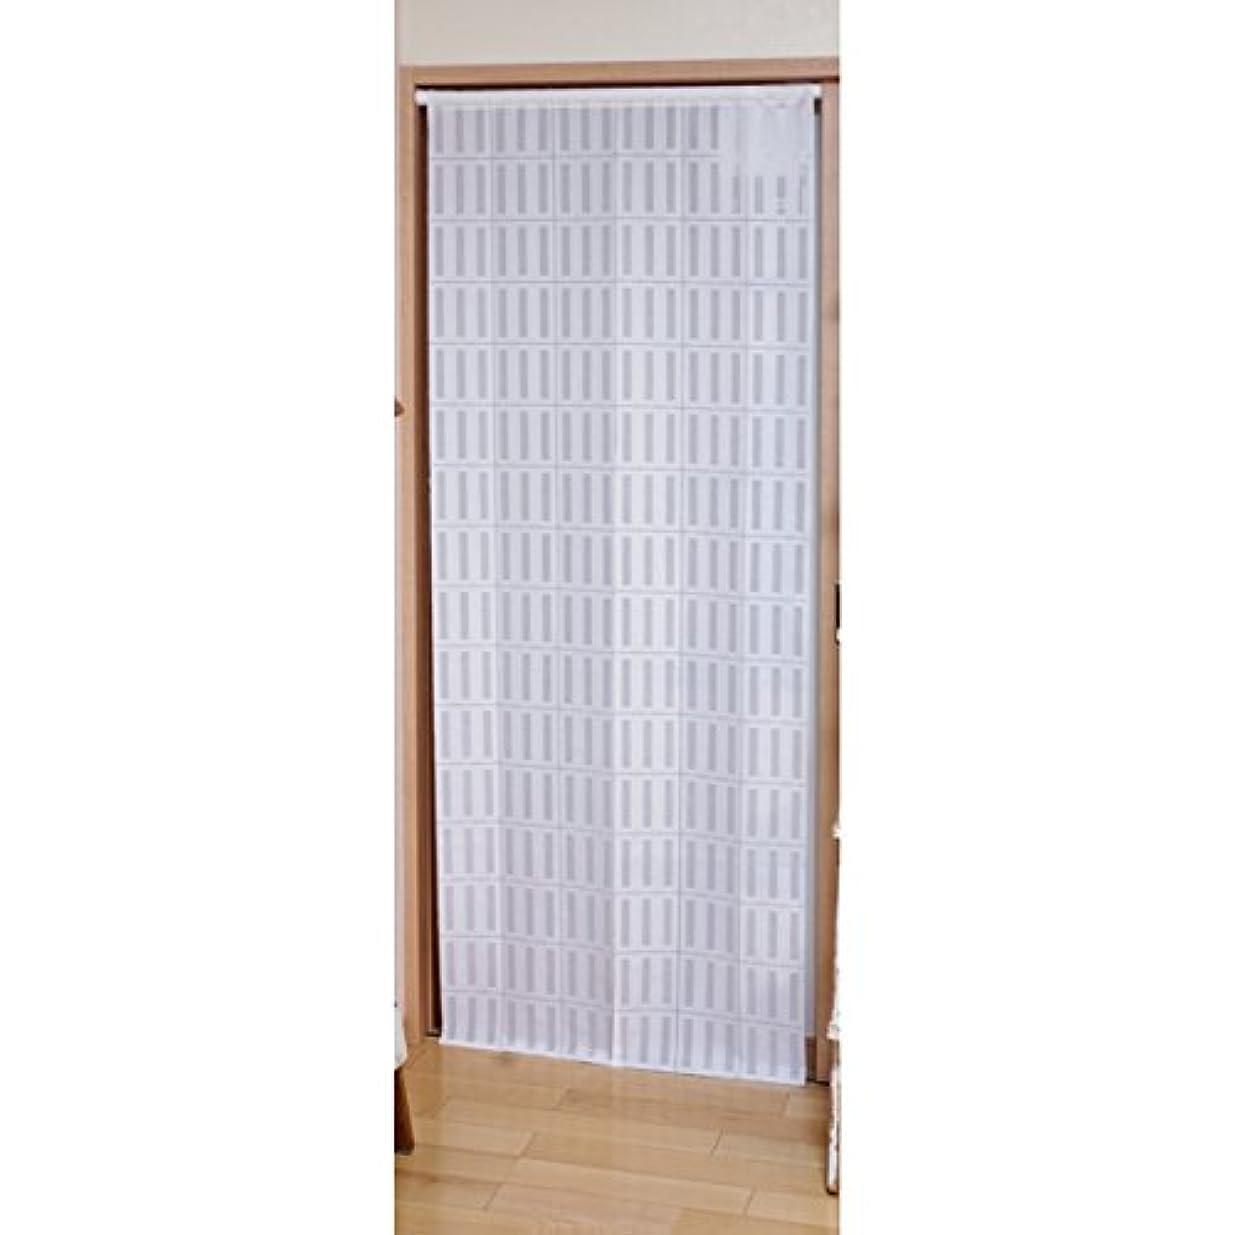 遅いバッフル無駄間仕切り断熱エコスクリーン ホワイト 帝人のエコリエ使用 100×250cm リビング階段の断熱に 日本製